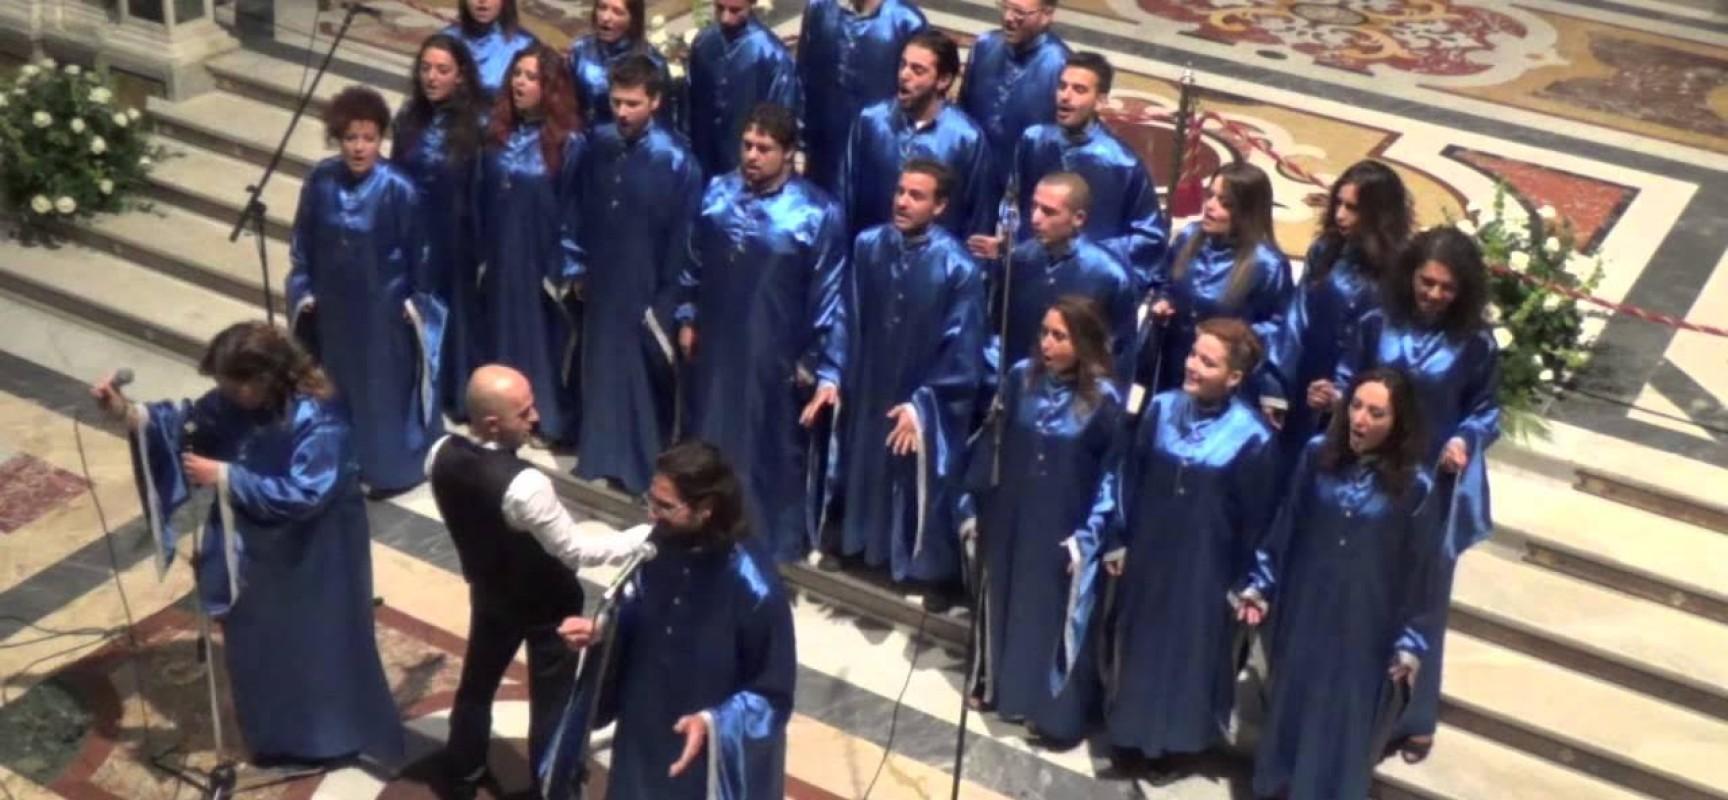 Natale in Musica con il Gospel a San Lorenzo Maggiore